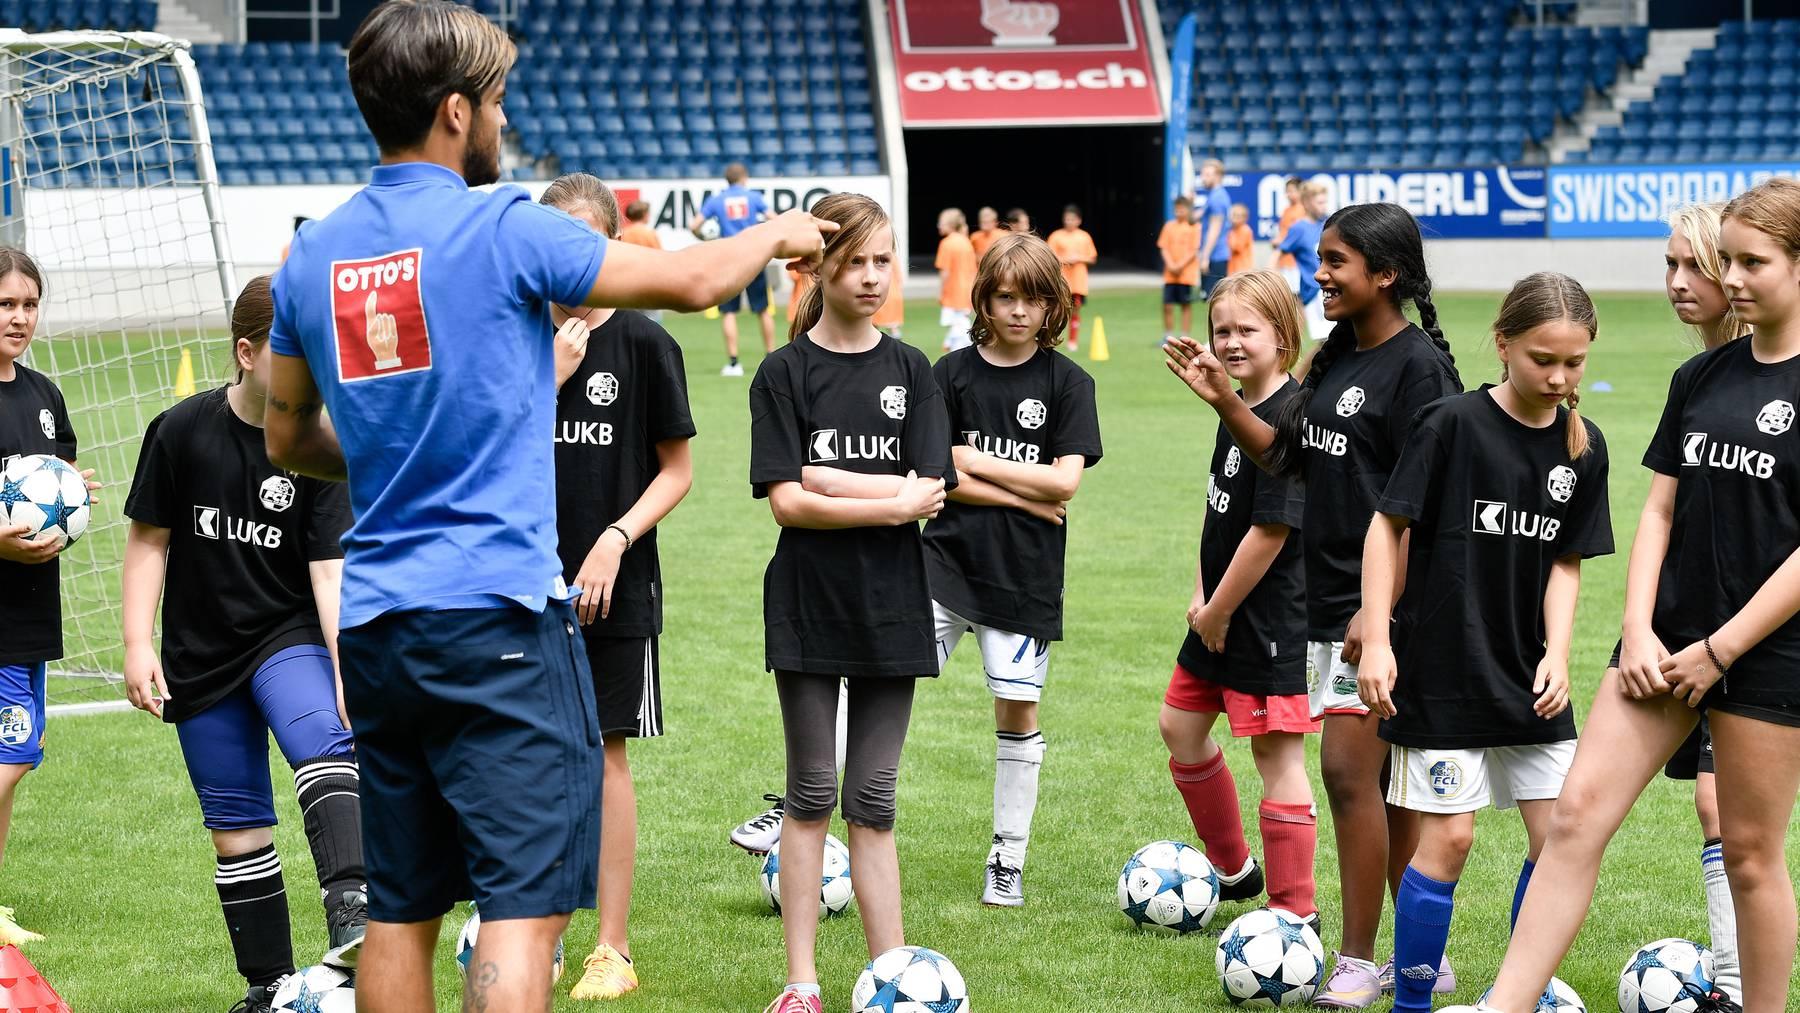 FCL-Saisoneröffnung: Gewinne Plätze für das Kids-Training